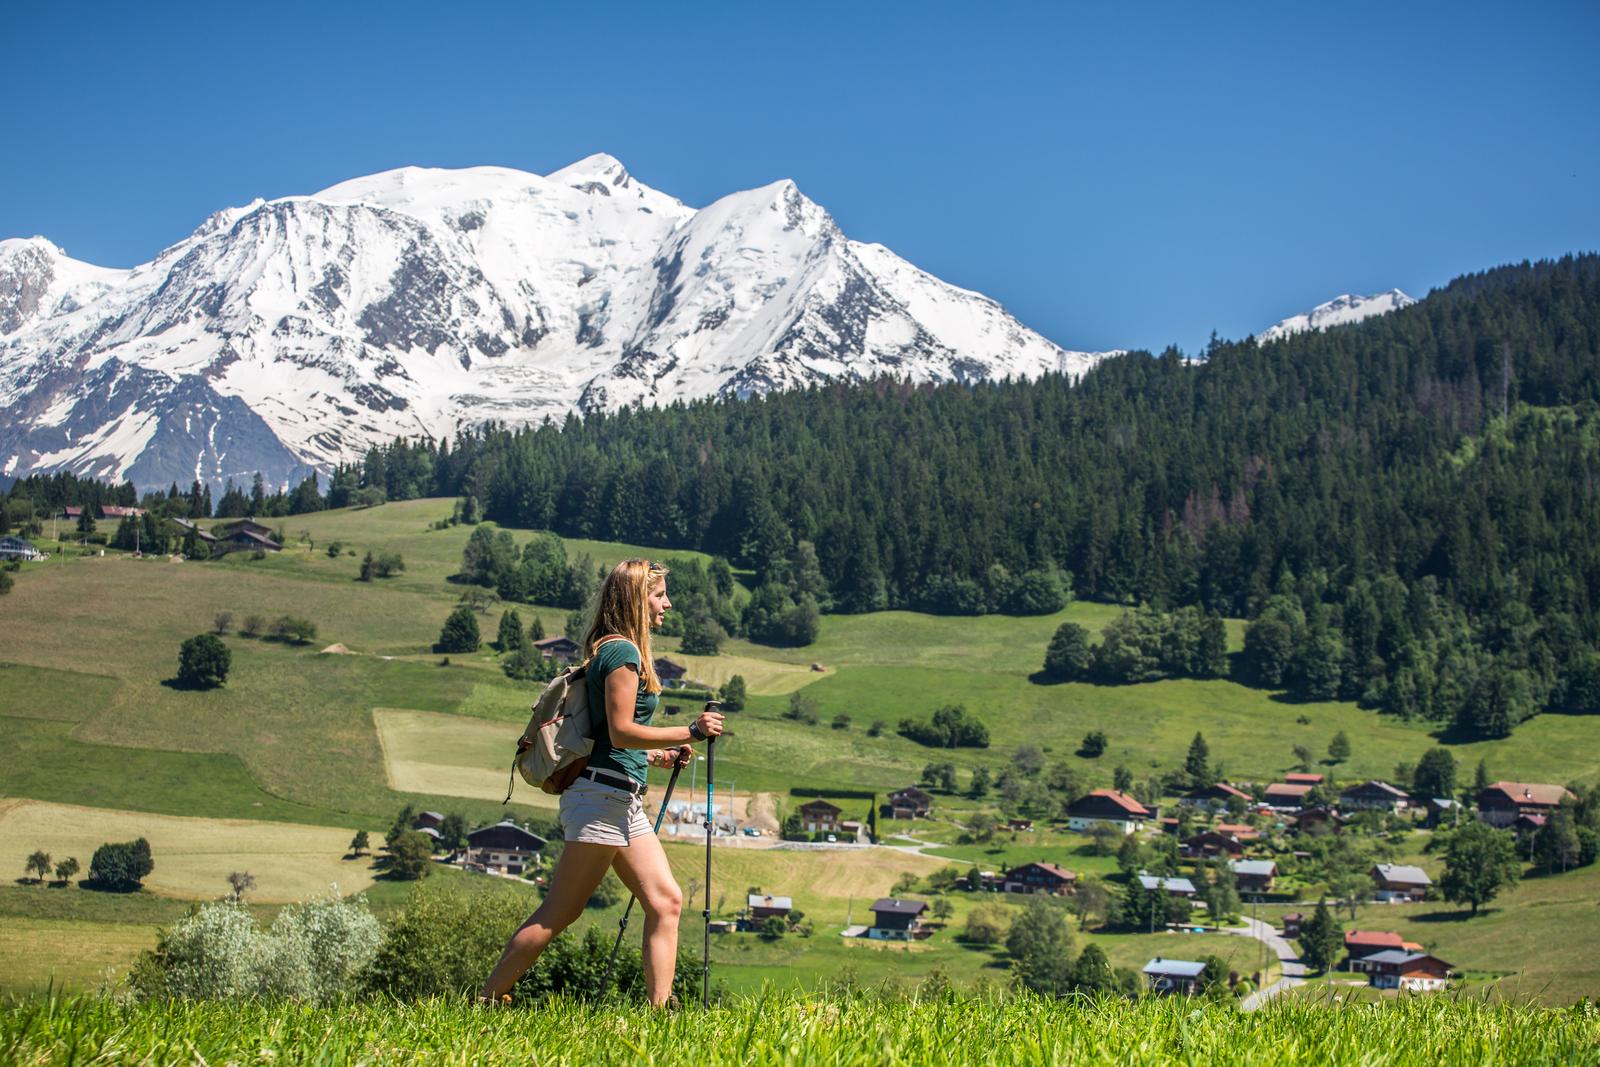 Rando Mont Blanc©Soren_Rickards